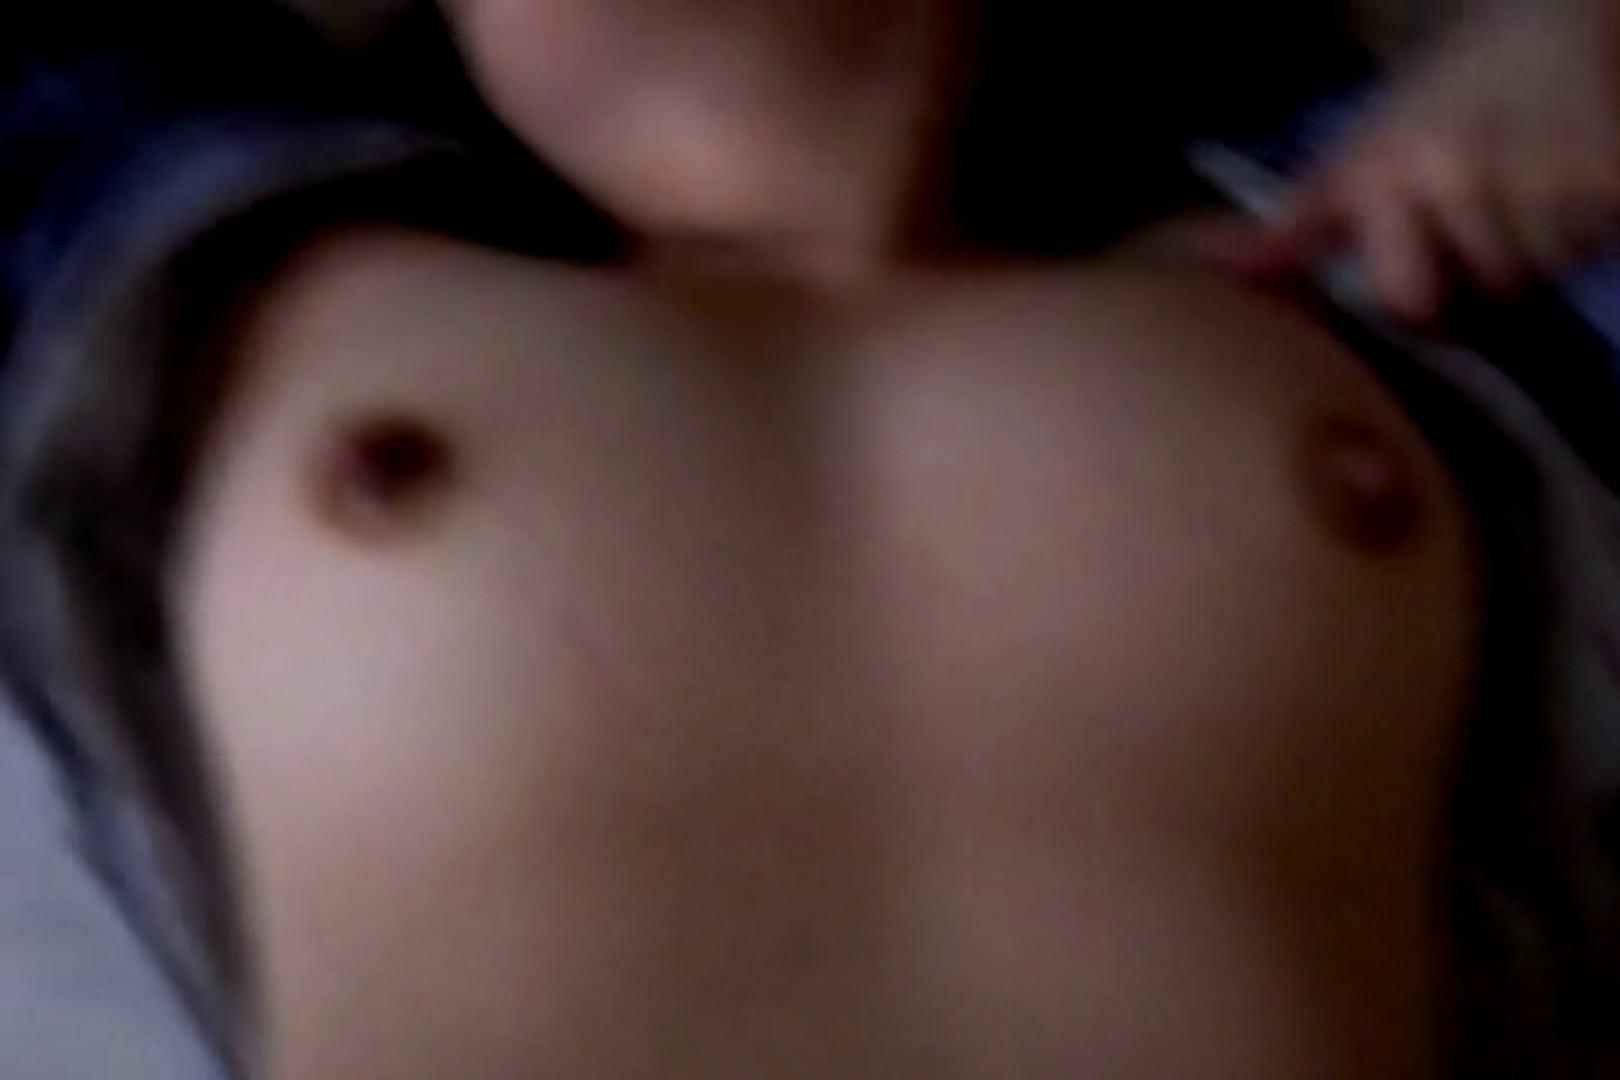 ウイルス流出 レオ&マンコのアルバム 可愛い浴衣 | 流出作品  105pic 86